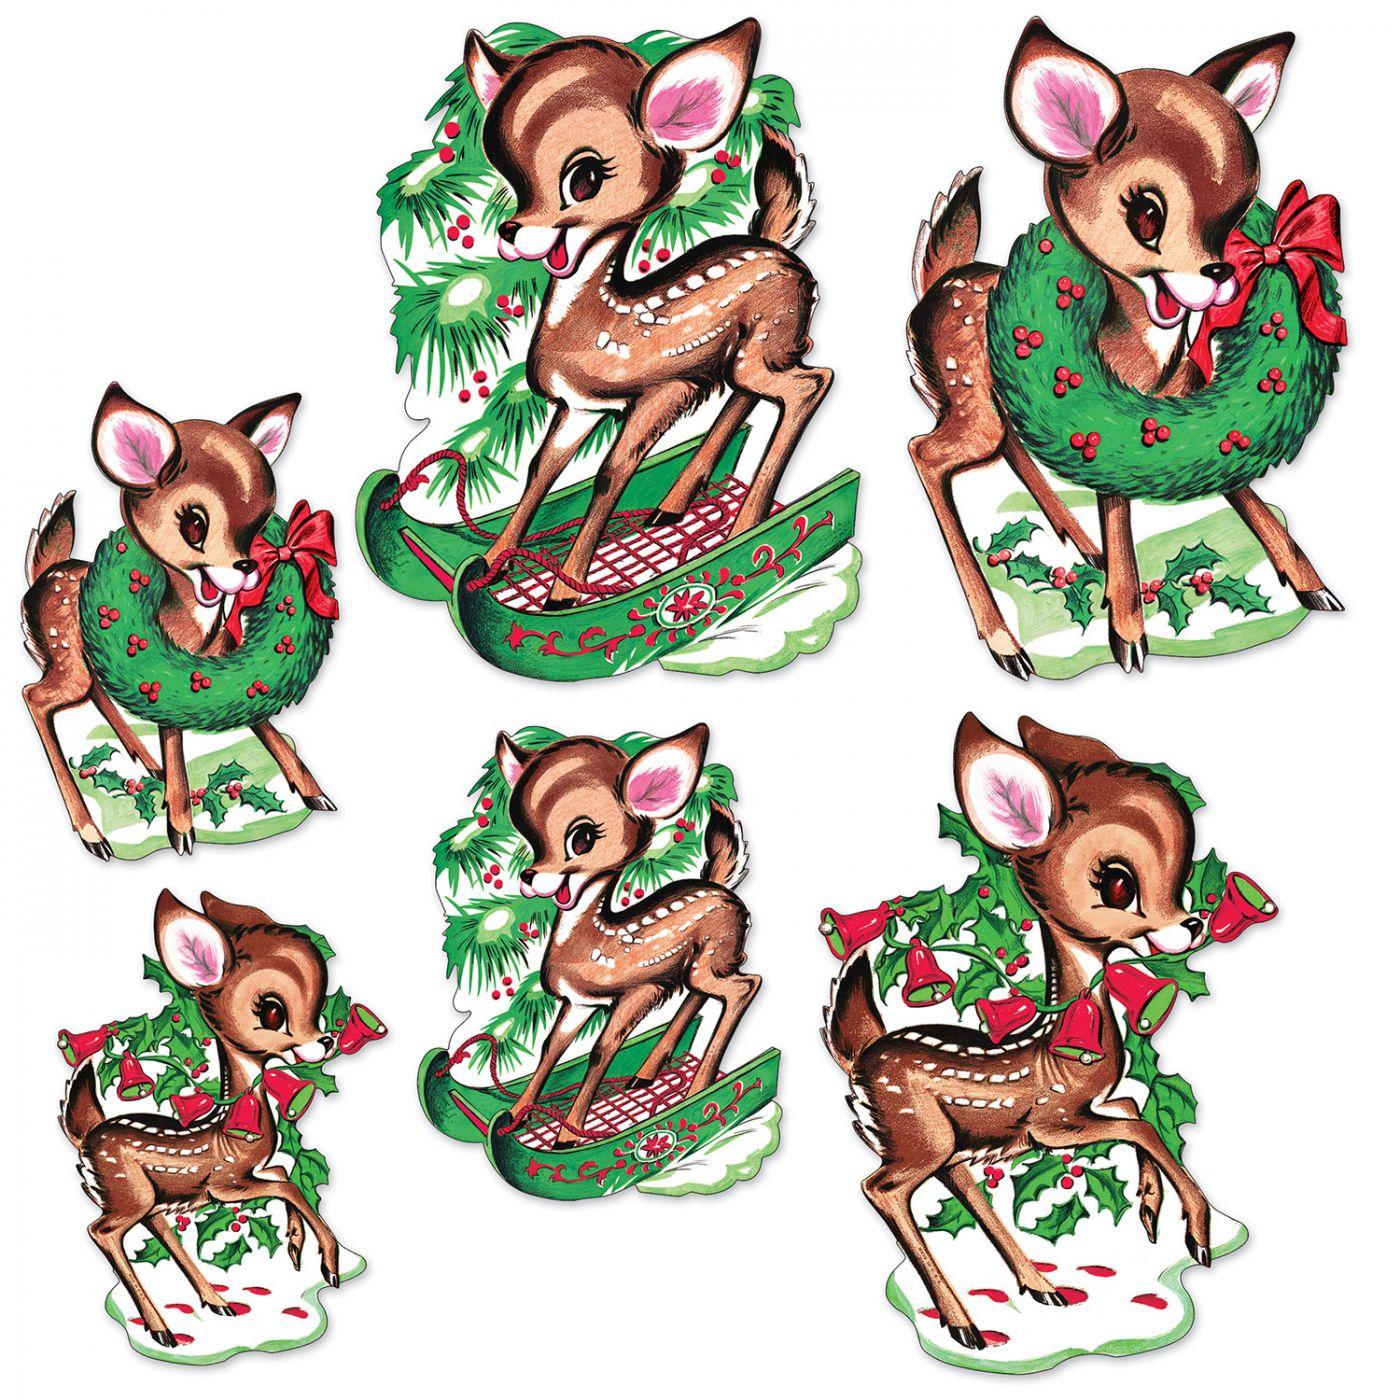 Image of Vintage Christmas Reindeer Cutouts